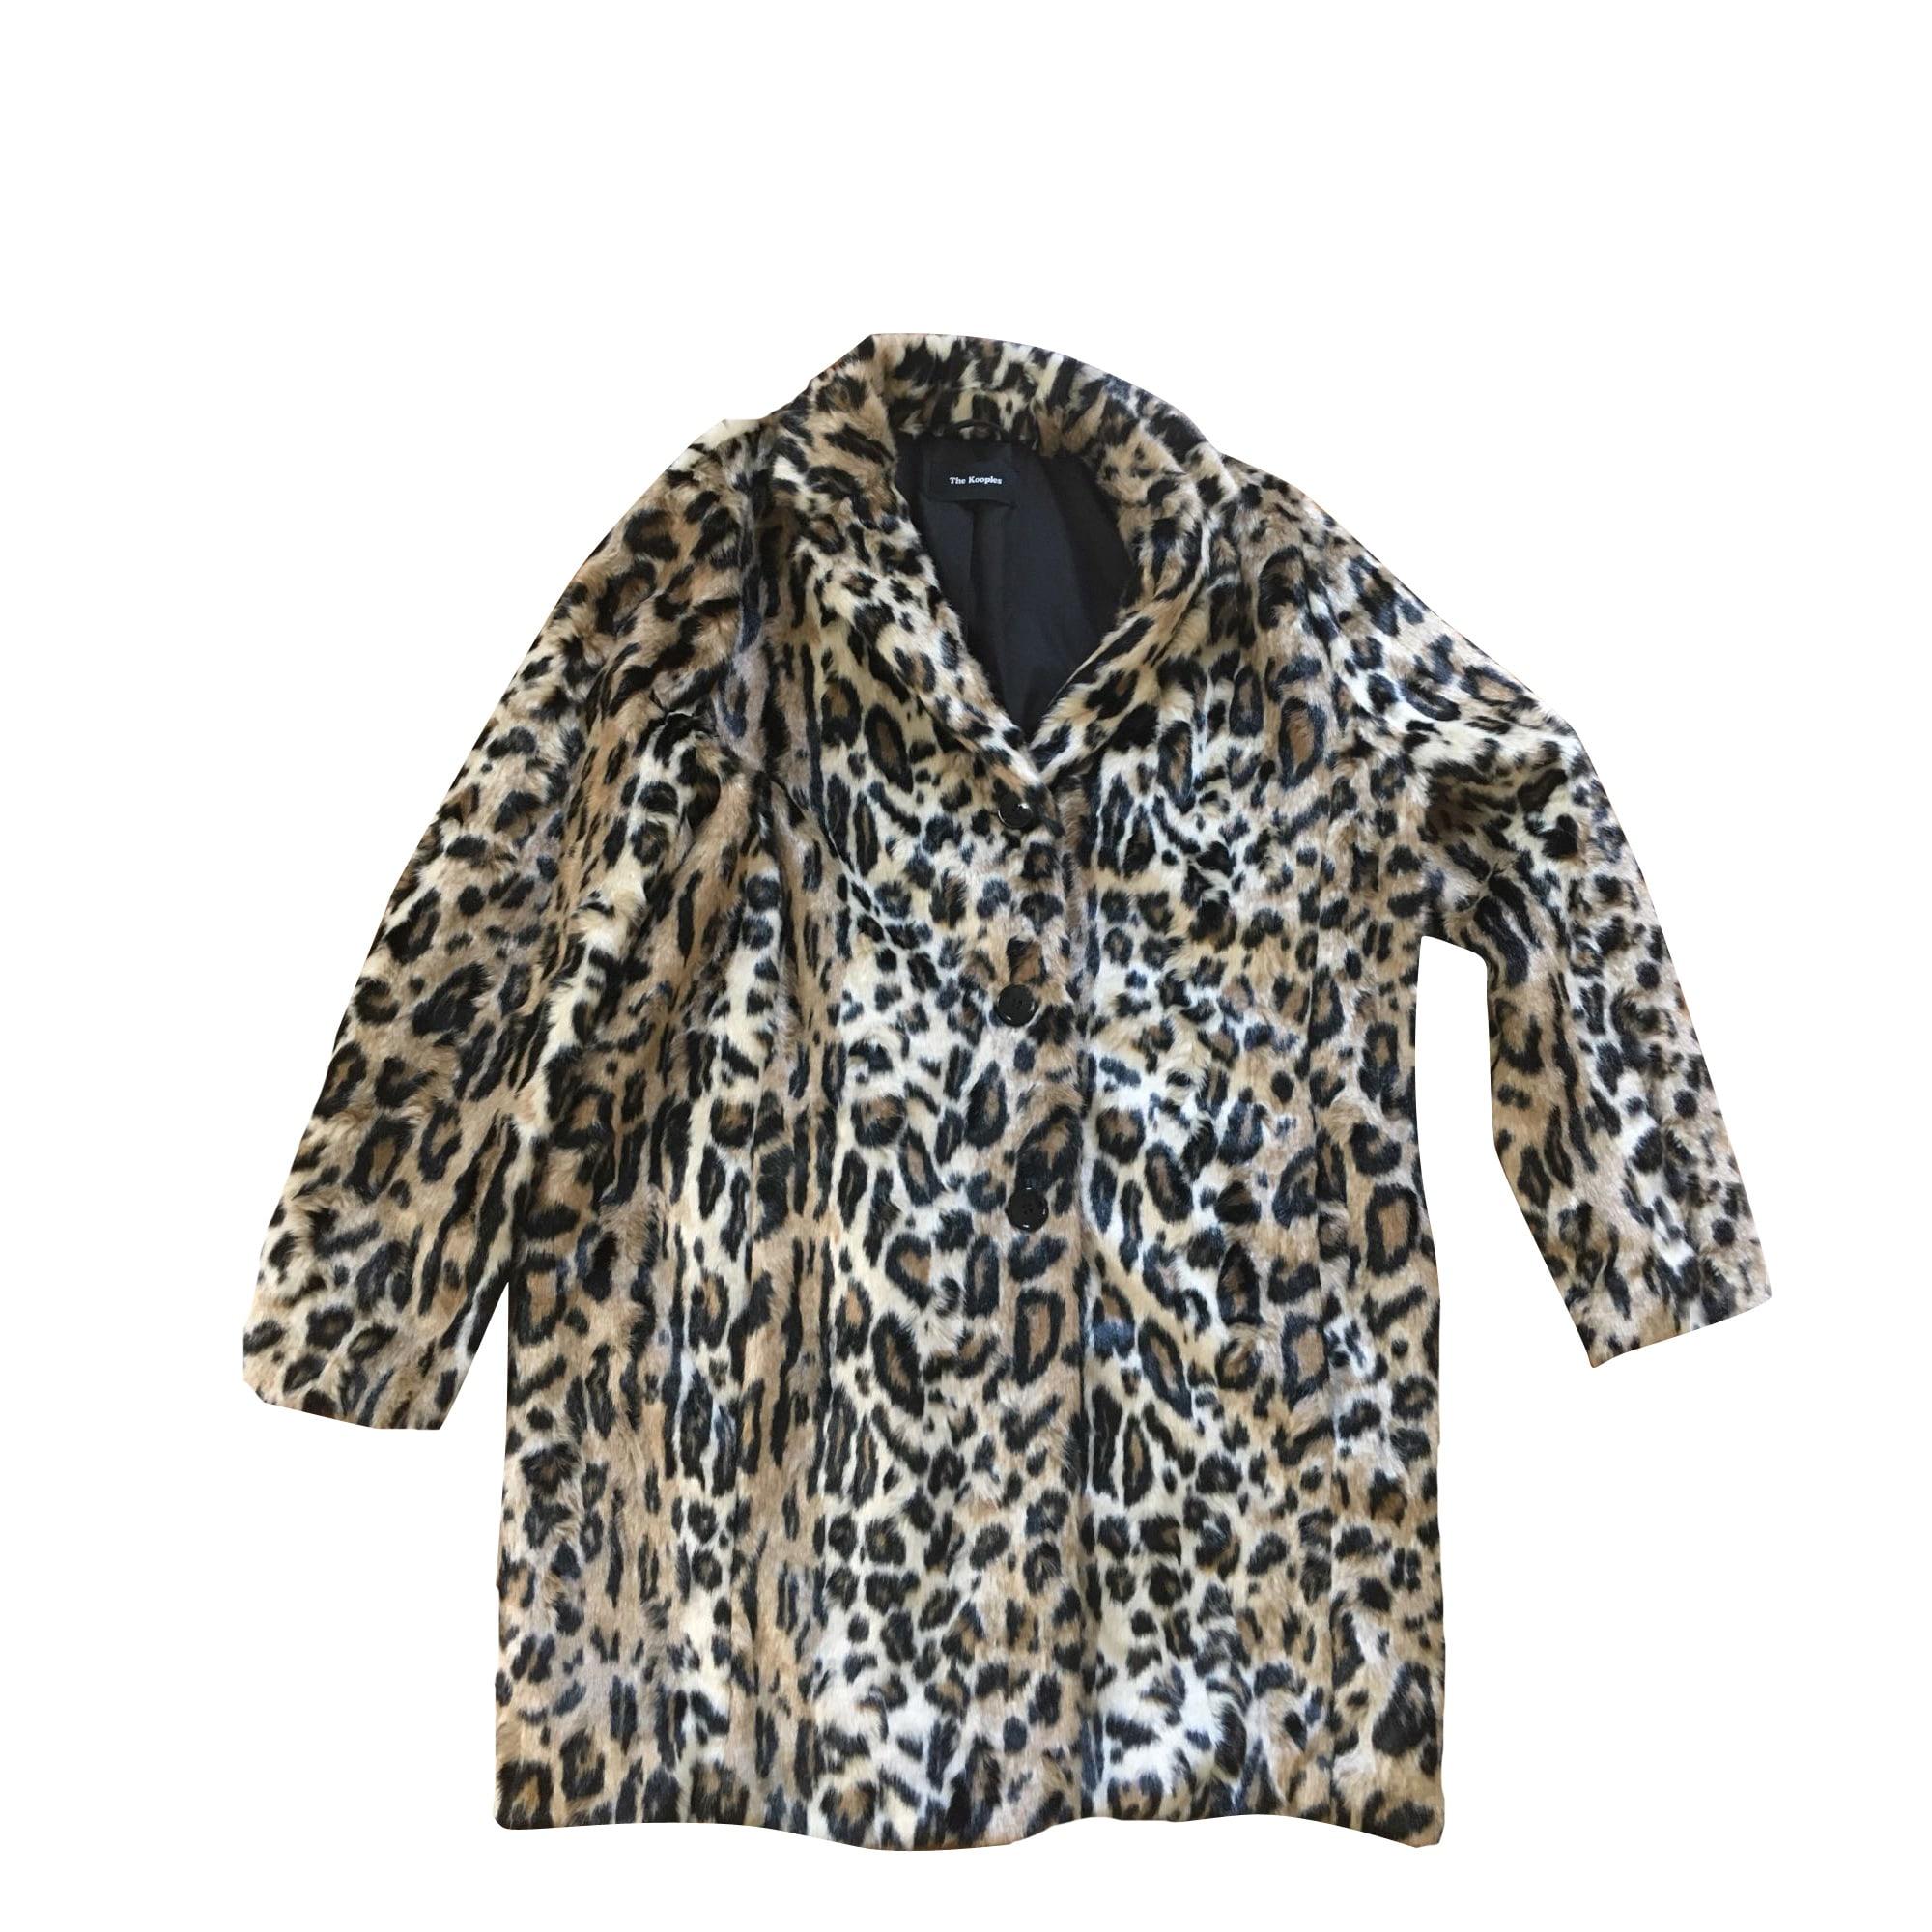 Manteau esprit fourrure léopard The Kooples en léopard pour